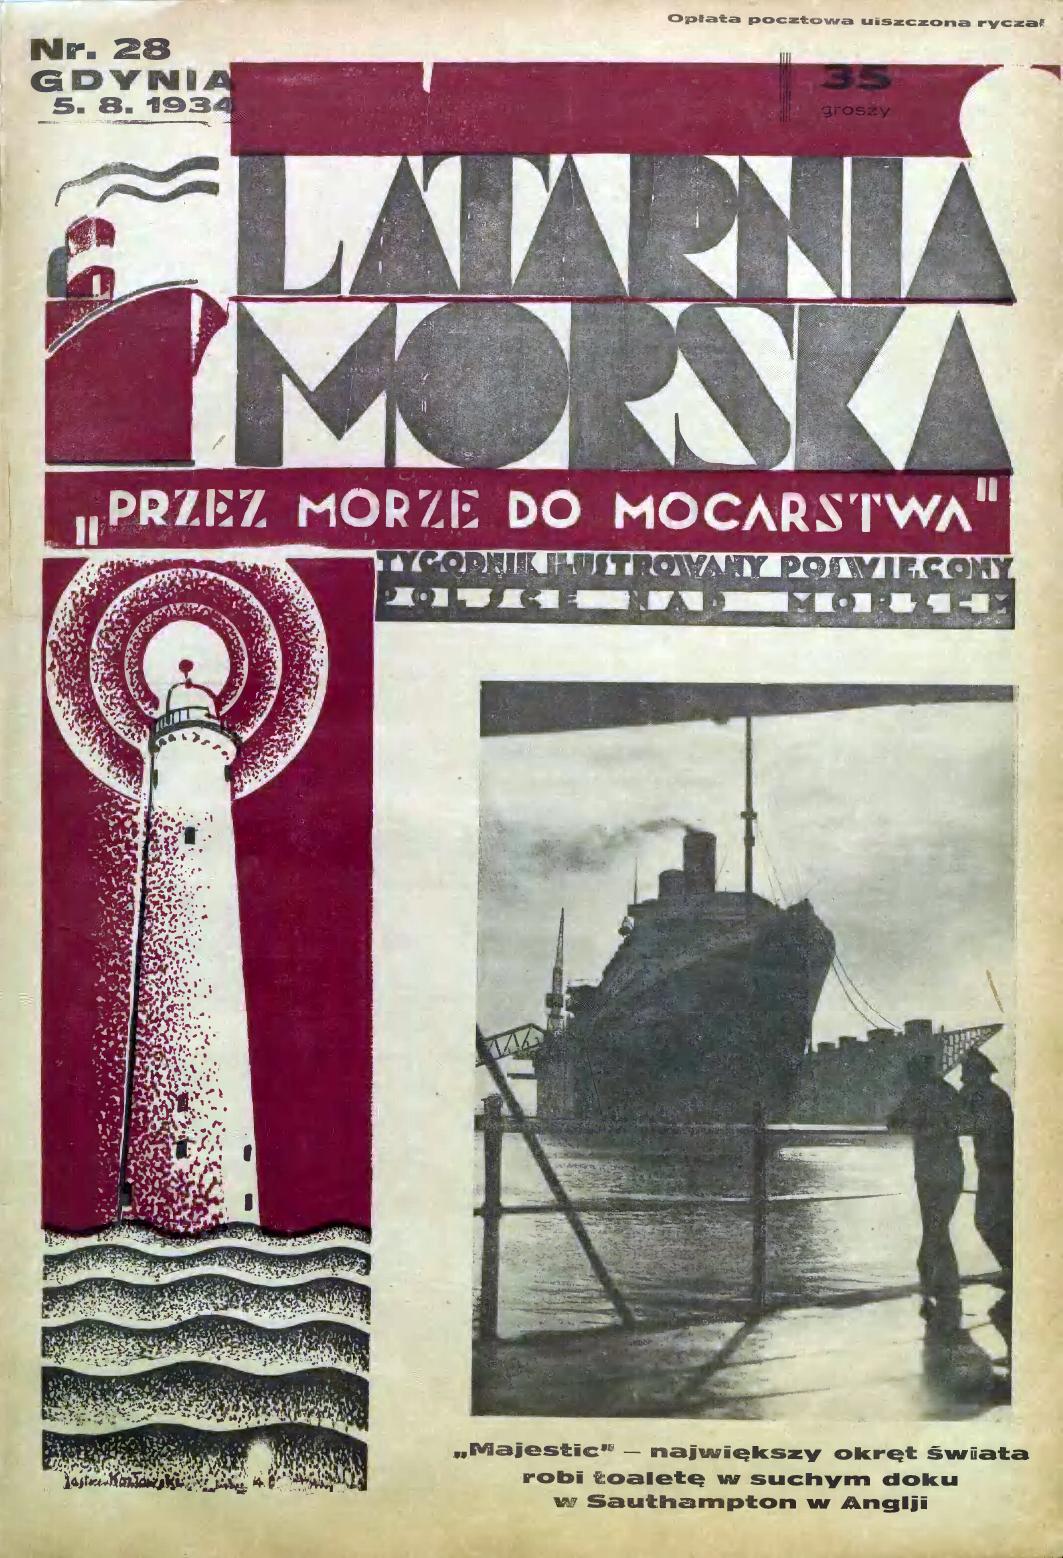 Latarnia Morska: tygodnik ilustrowany poświęcony Polsce nad morzem. – Gdynia : Balto Polak – Zakłady Graficzne i Wydawnicze, 1934, nr 28